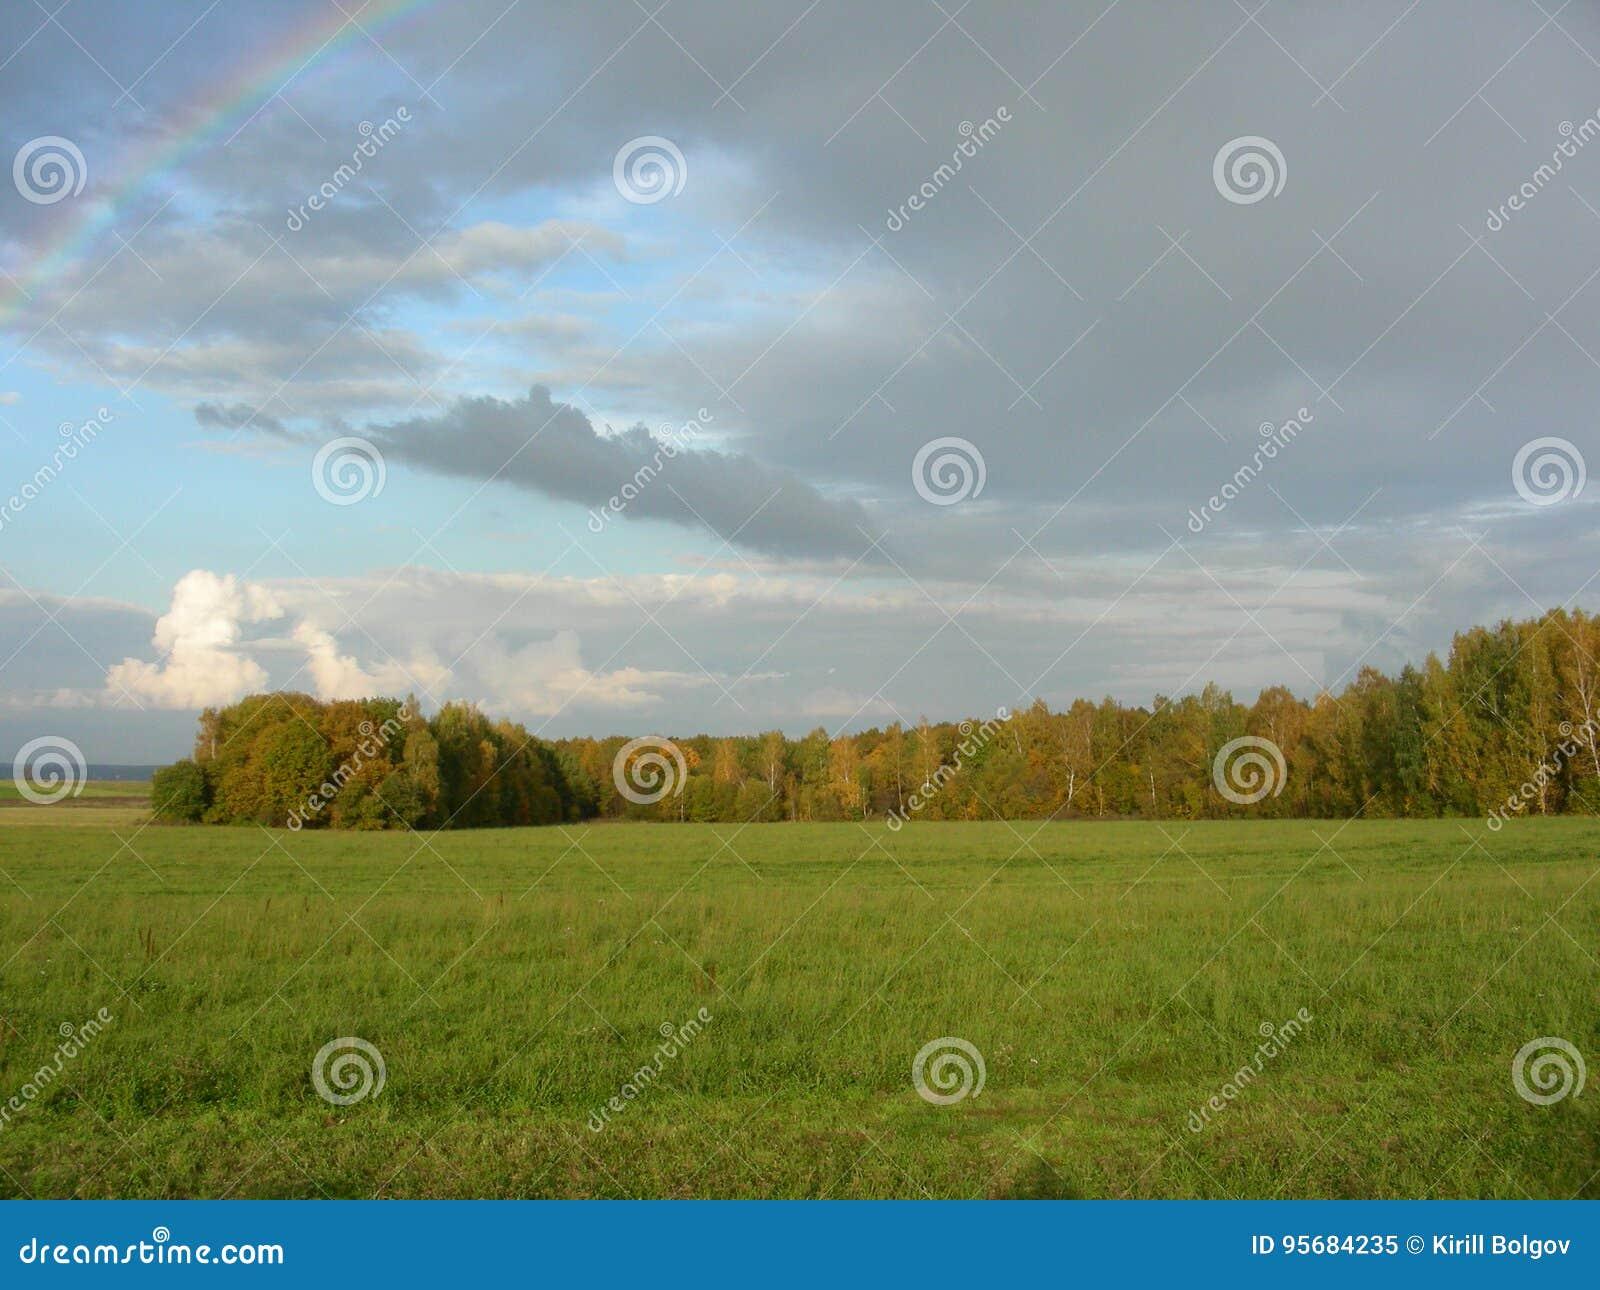 Césped con la hierba verde y árboles en el fondo